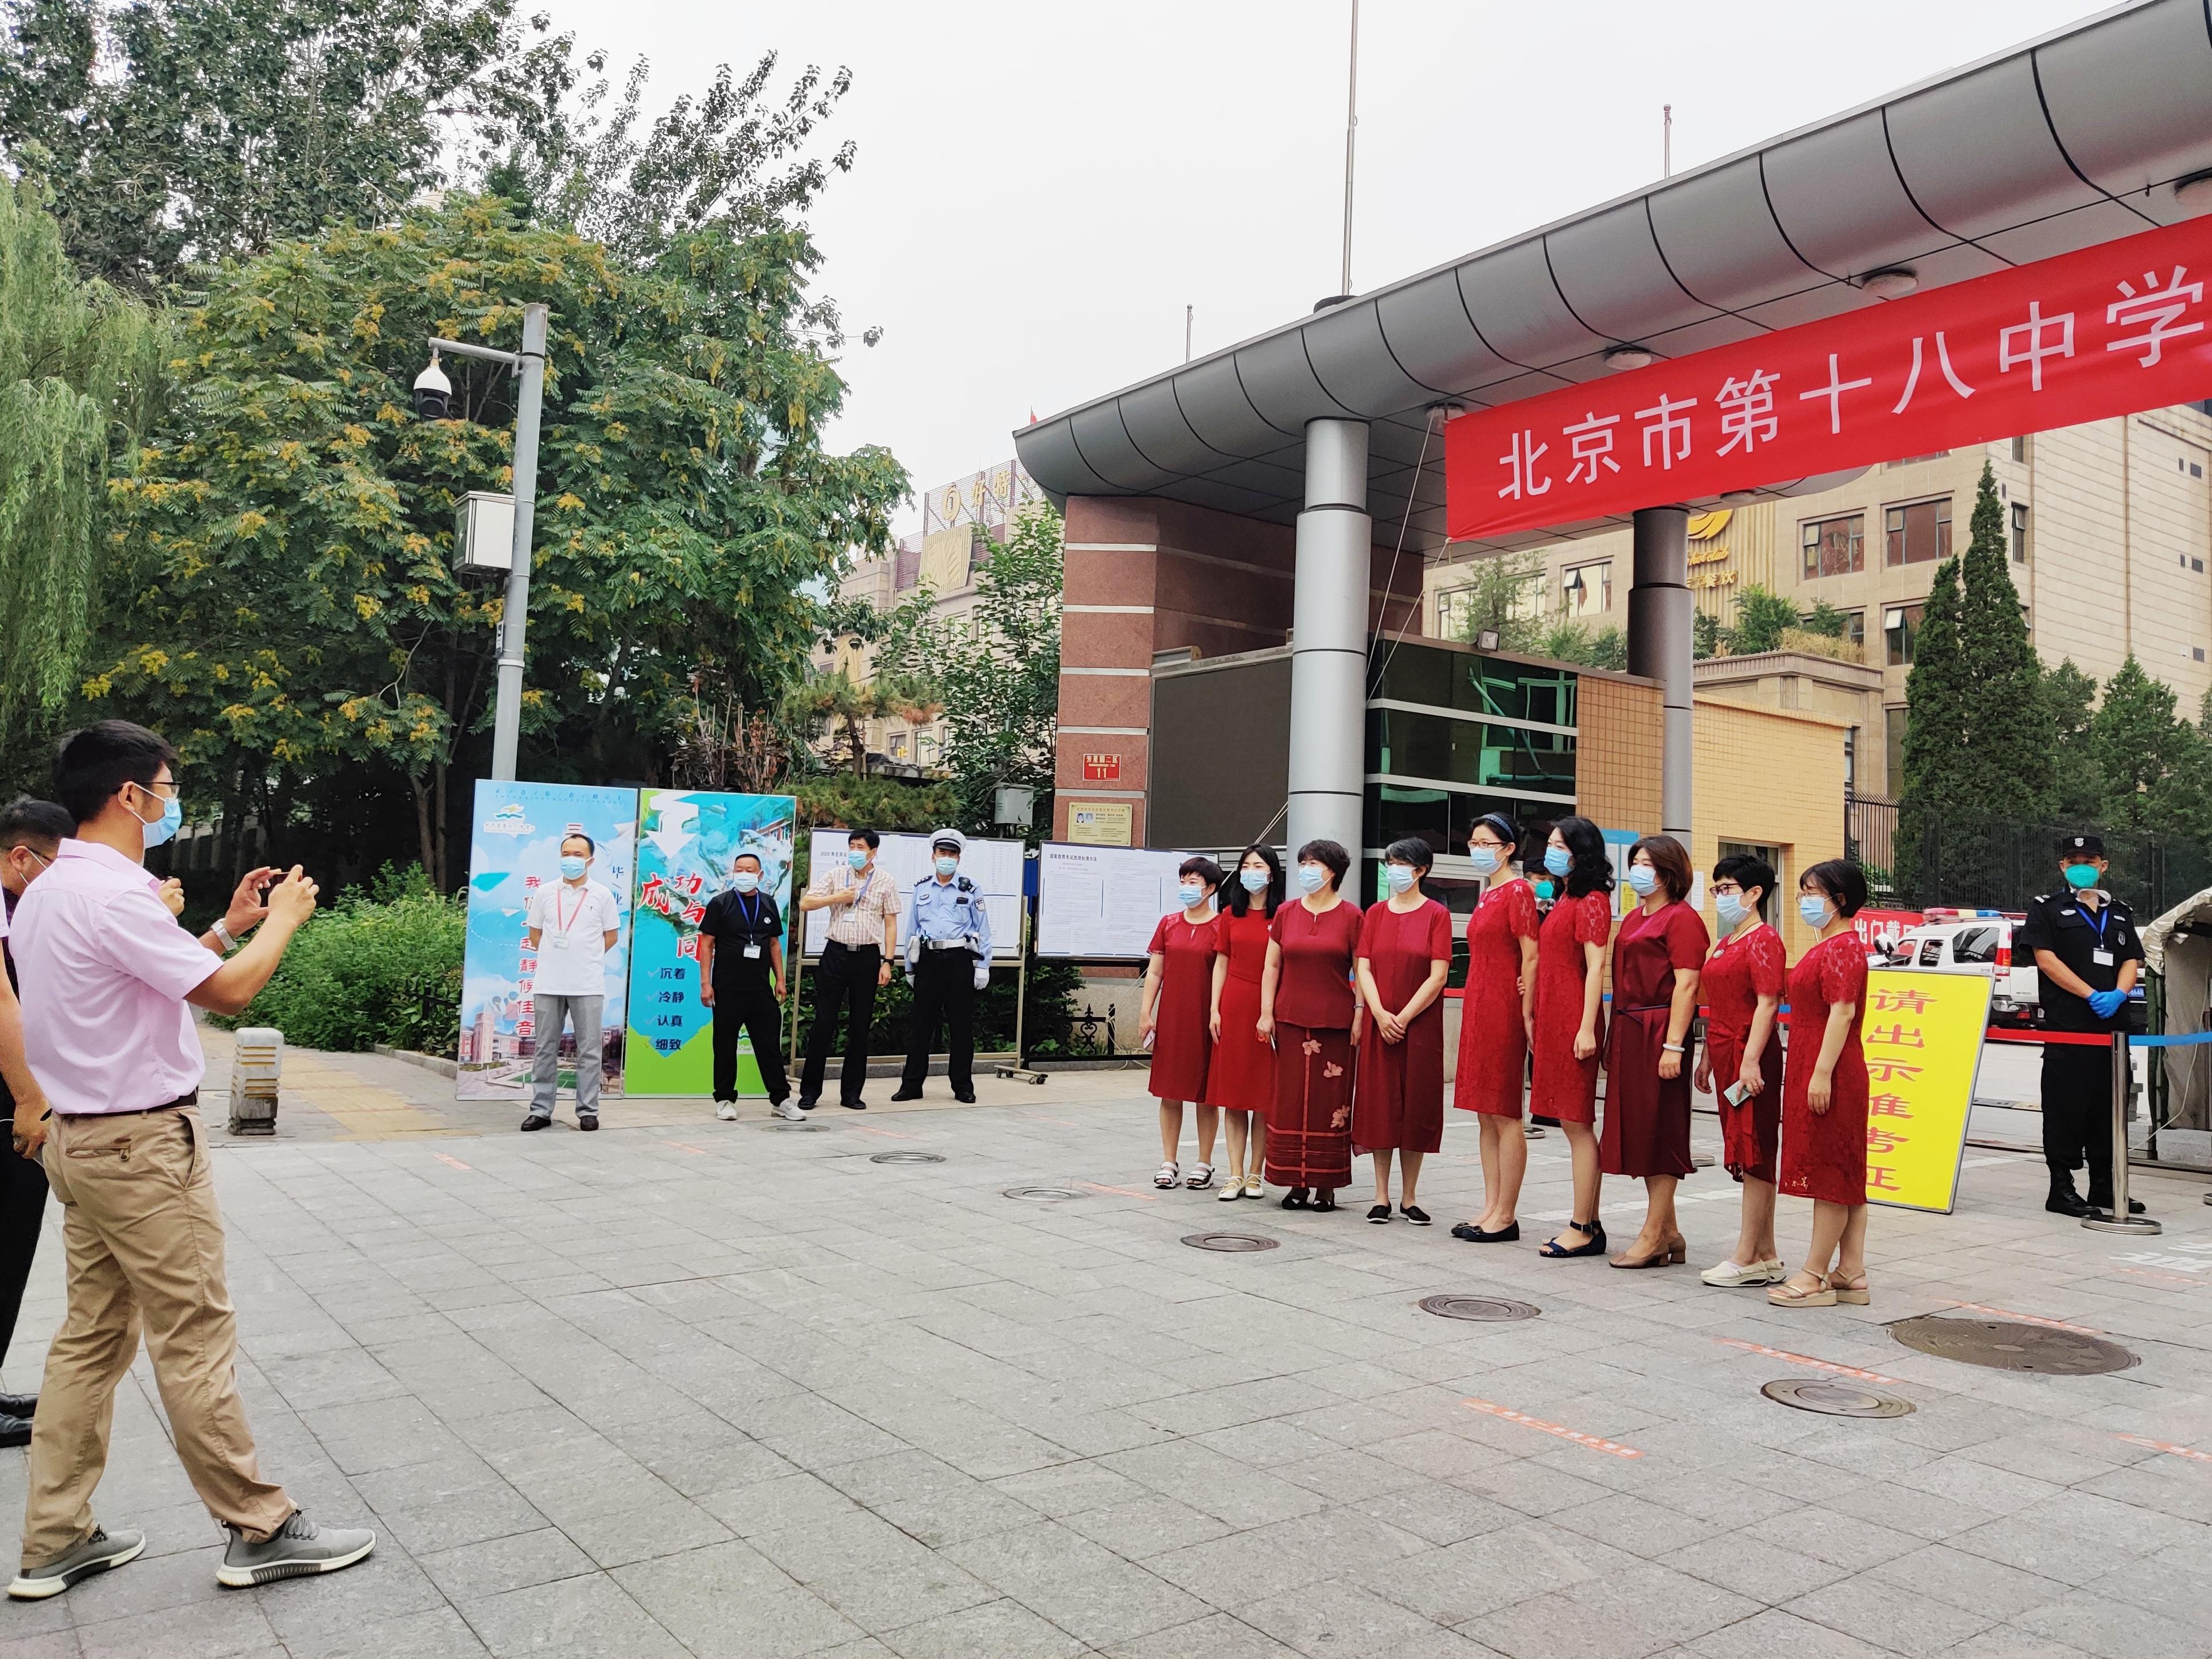 考生全部进场后,北京十八中的老师们在考点外合影留念。